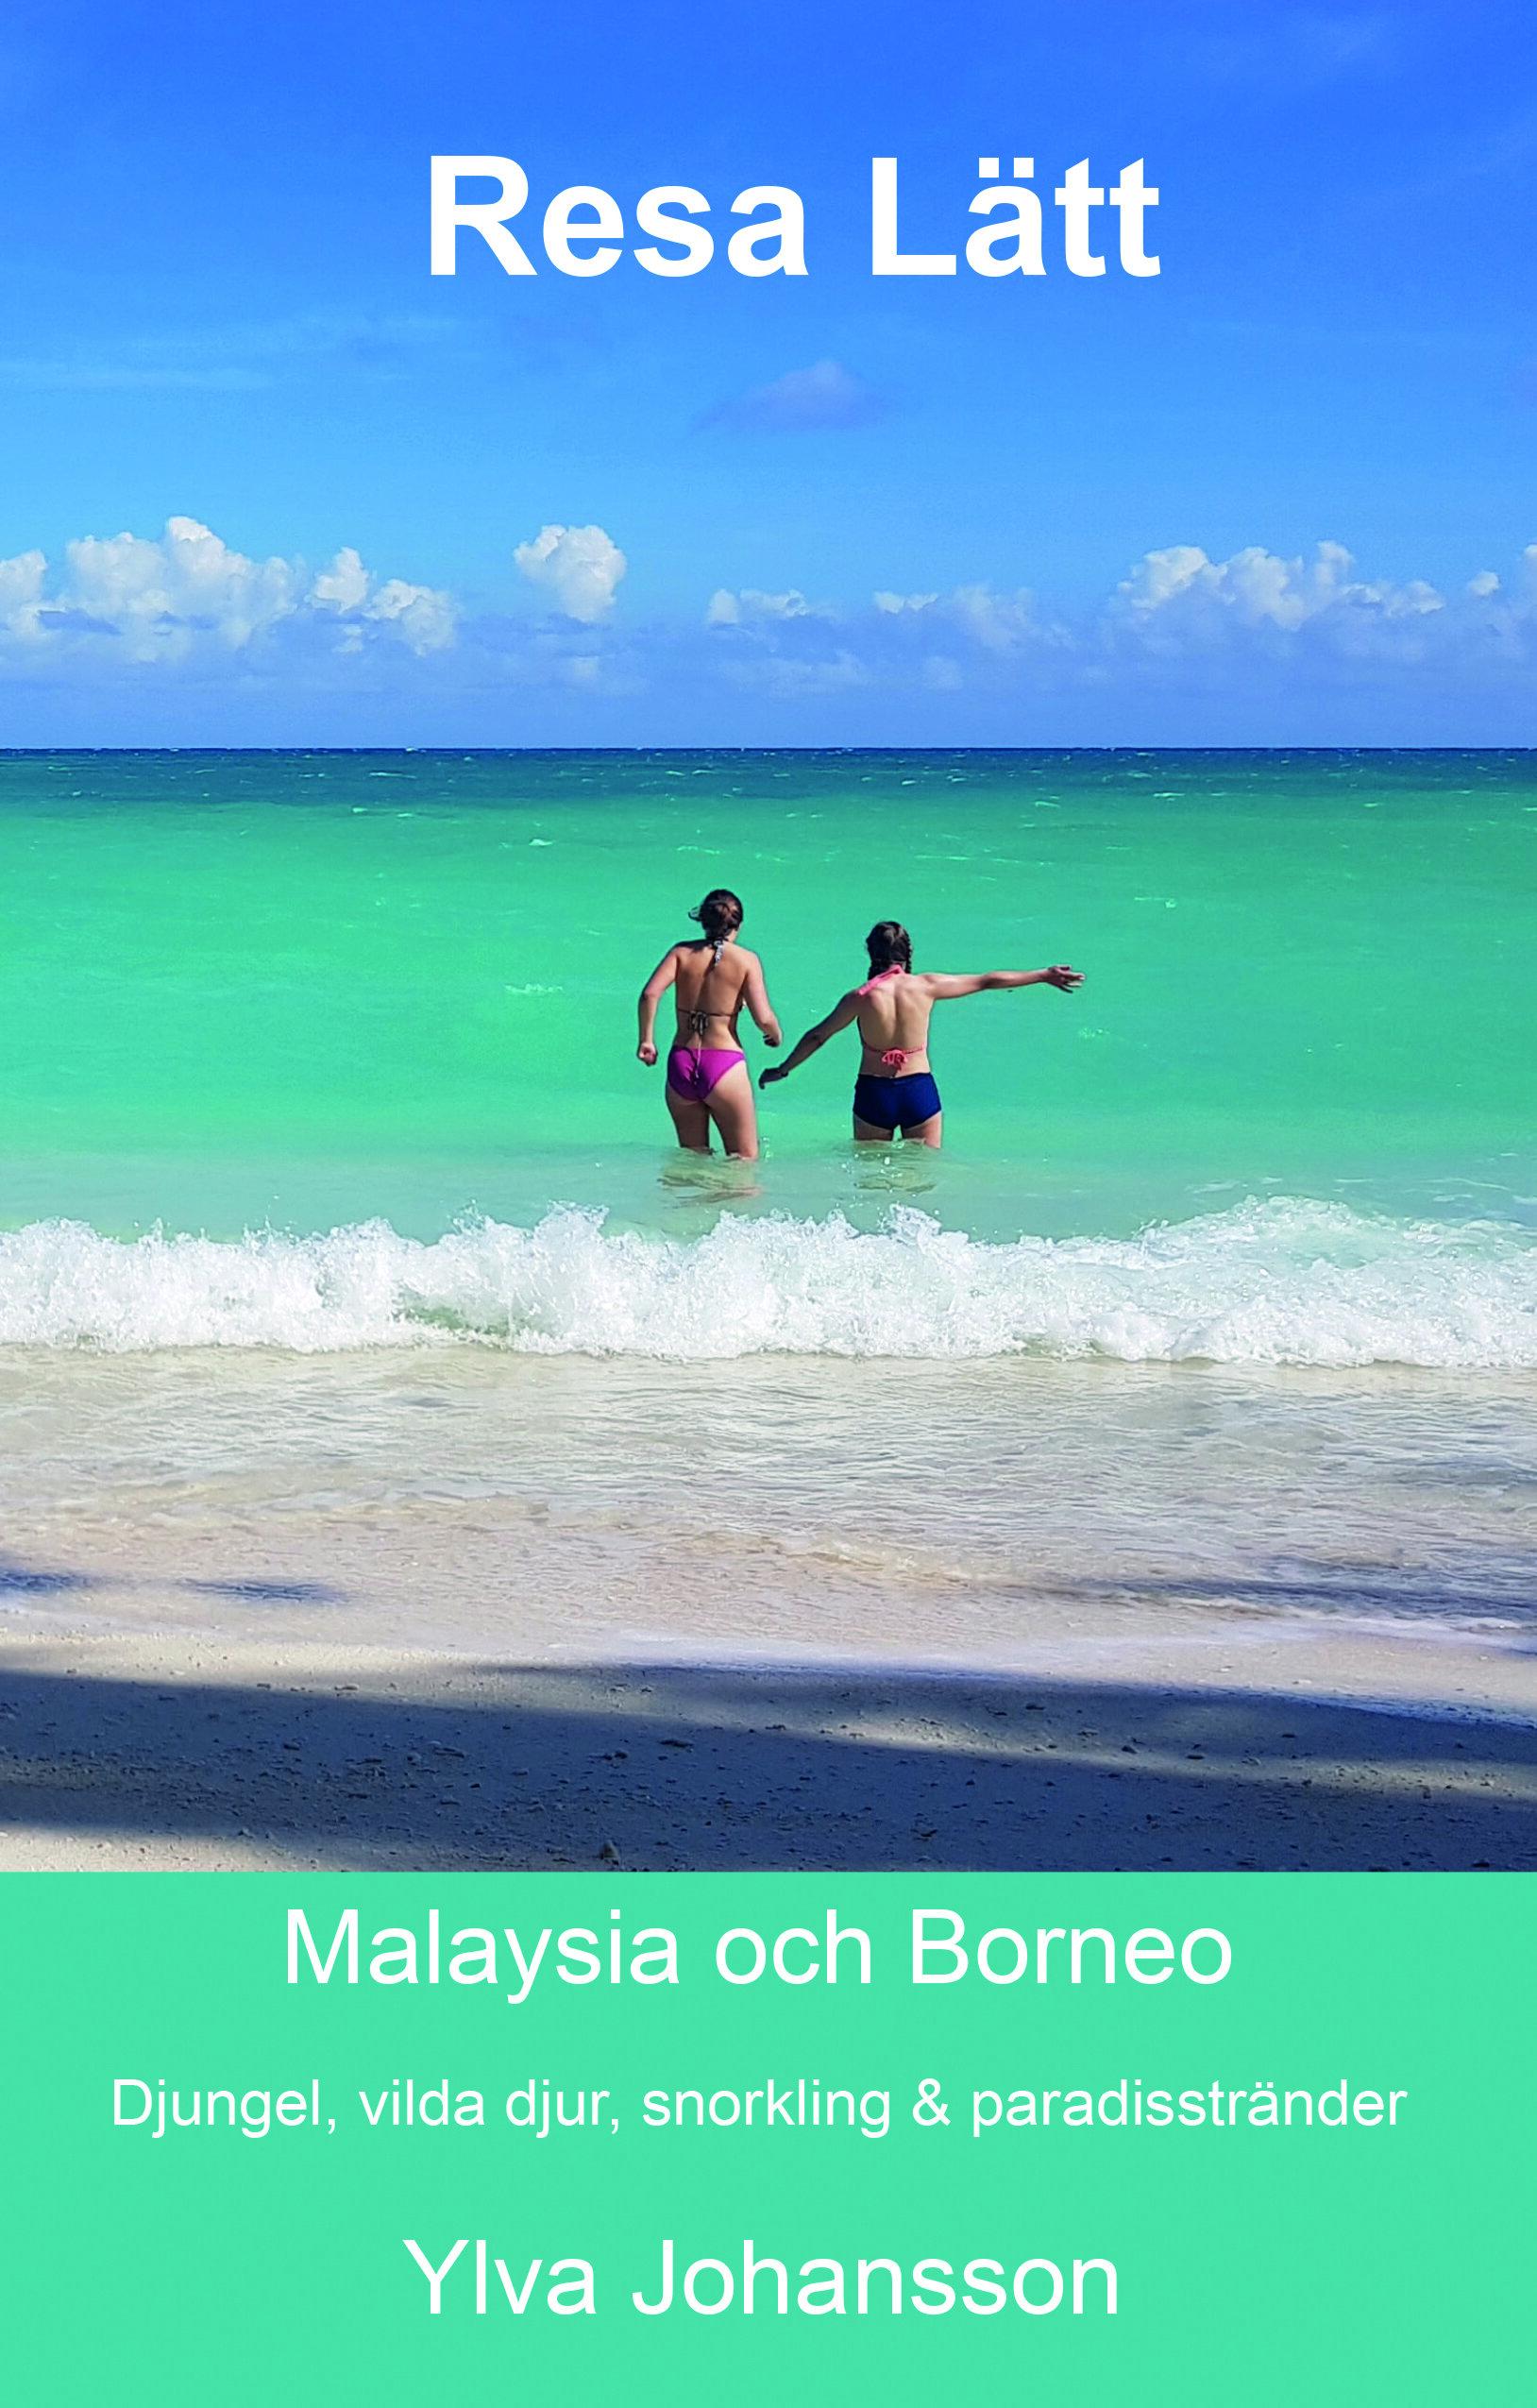 - Hur packar du bäst för en resa till Borneo för att komma nära orangutanger, näsapor, krokodiler, näshornsfåglar, havssköldpaddor och clownfiskar? Och hur hamnar man i kristallklara turkosa paradis på en rimlig budget? Här hittar du det mesta du behöver veta för att göra en resa du knappt vågade drömma om!